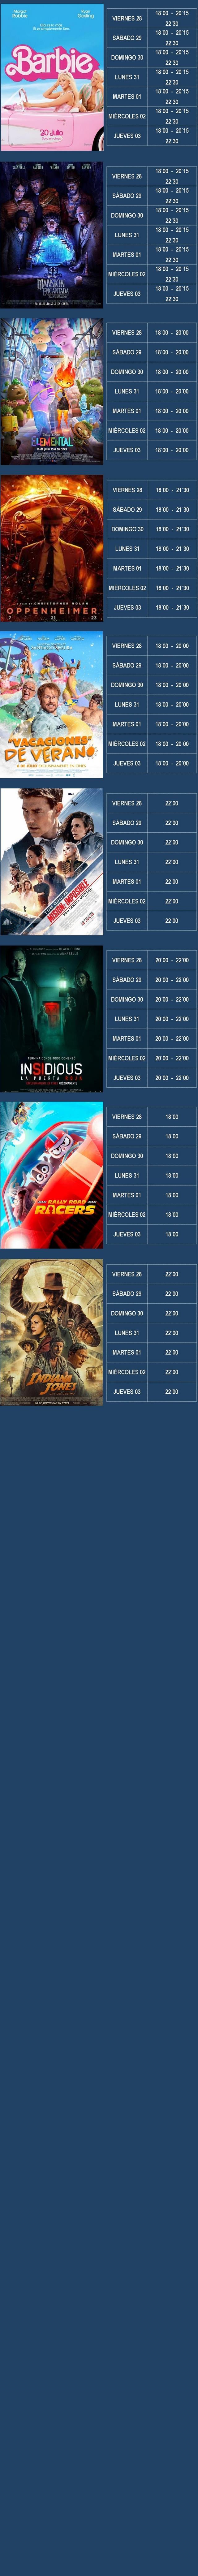 Cines Victoria Aranda De Duero